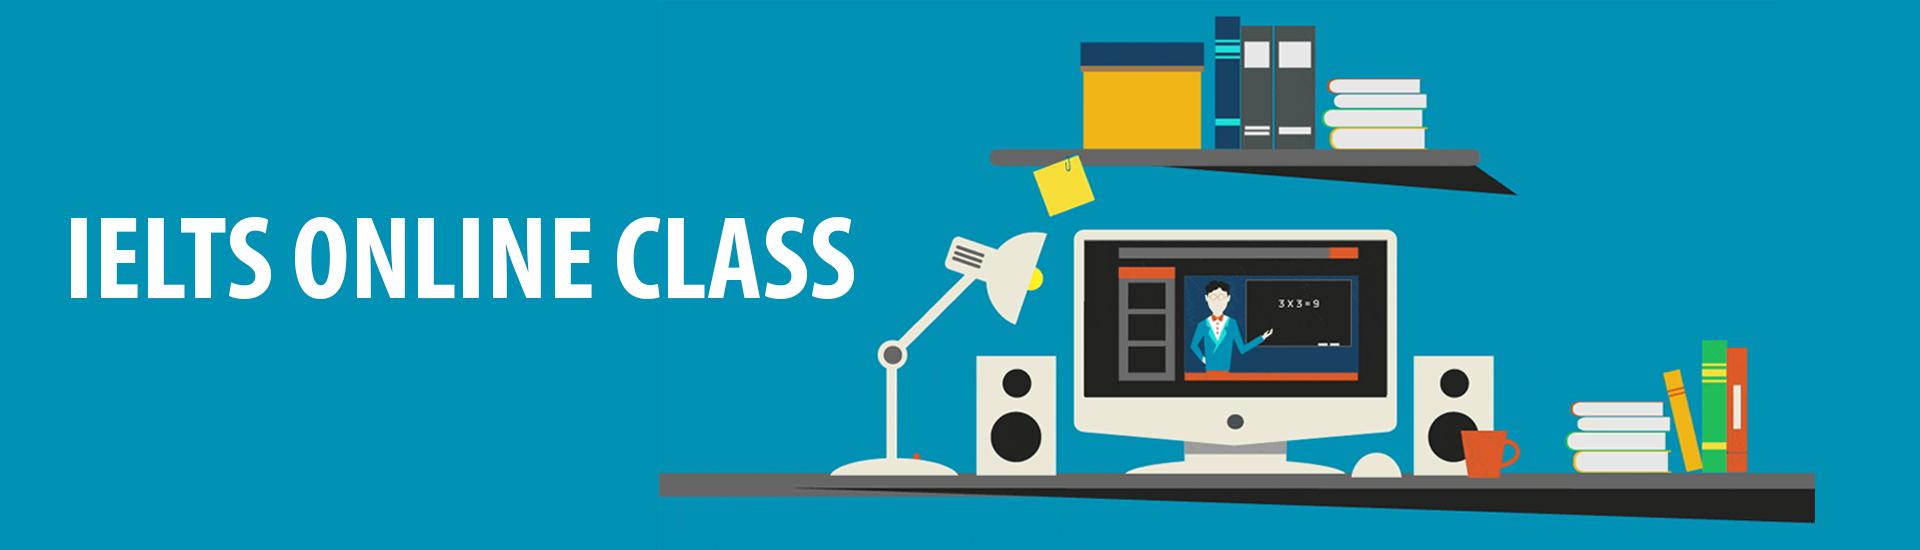 khóa học ielts online trực tuyến